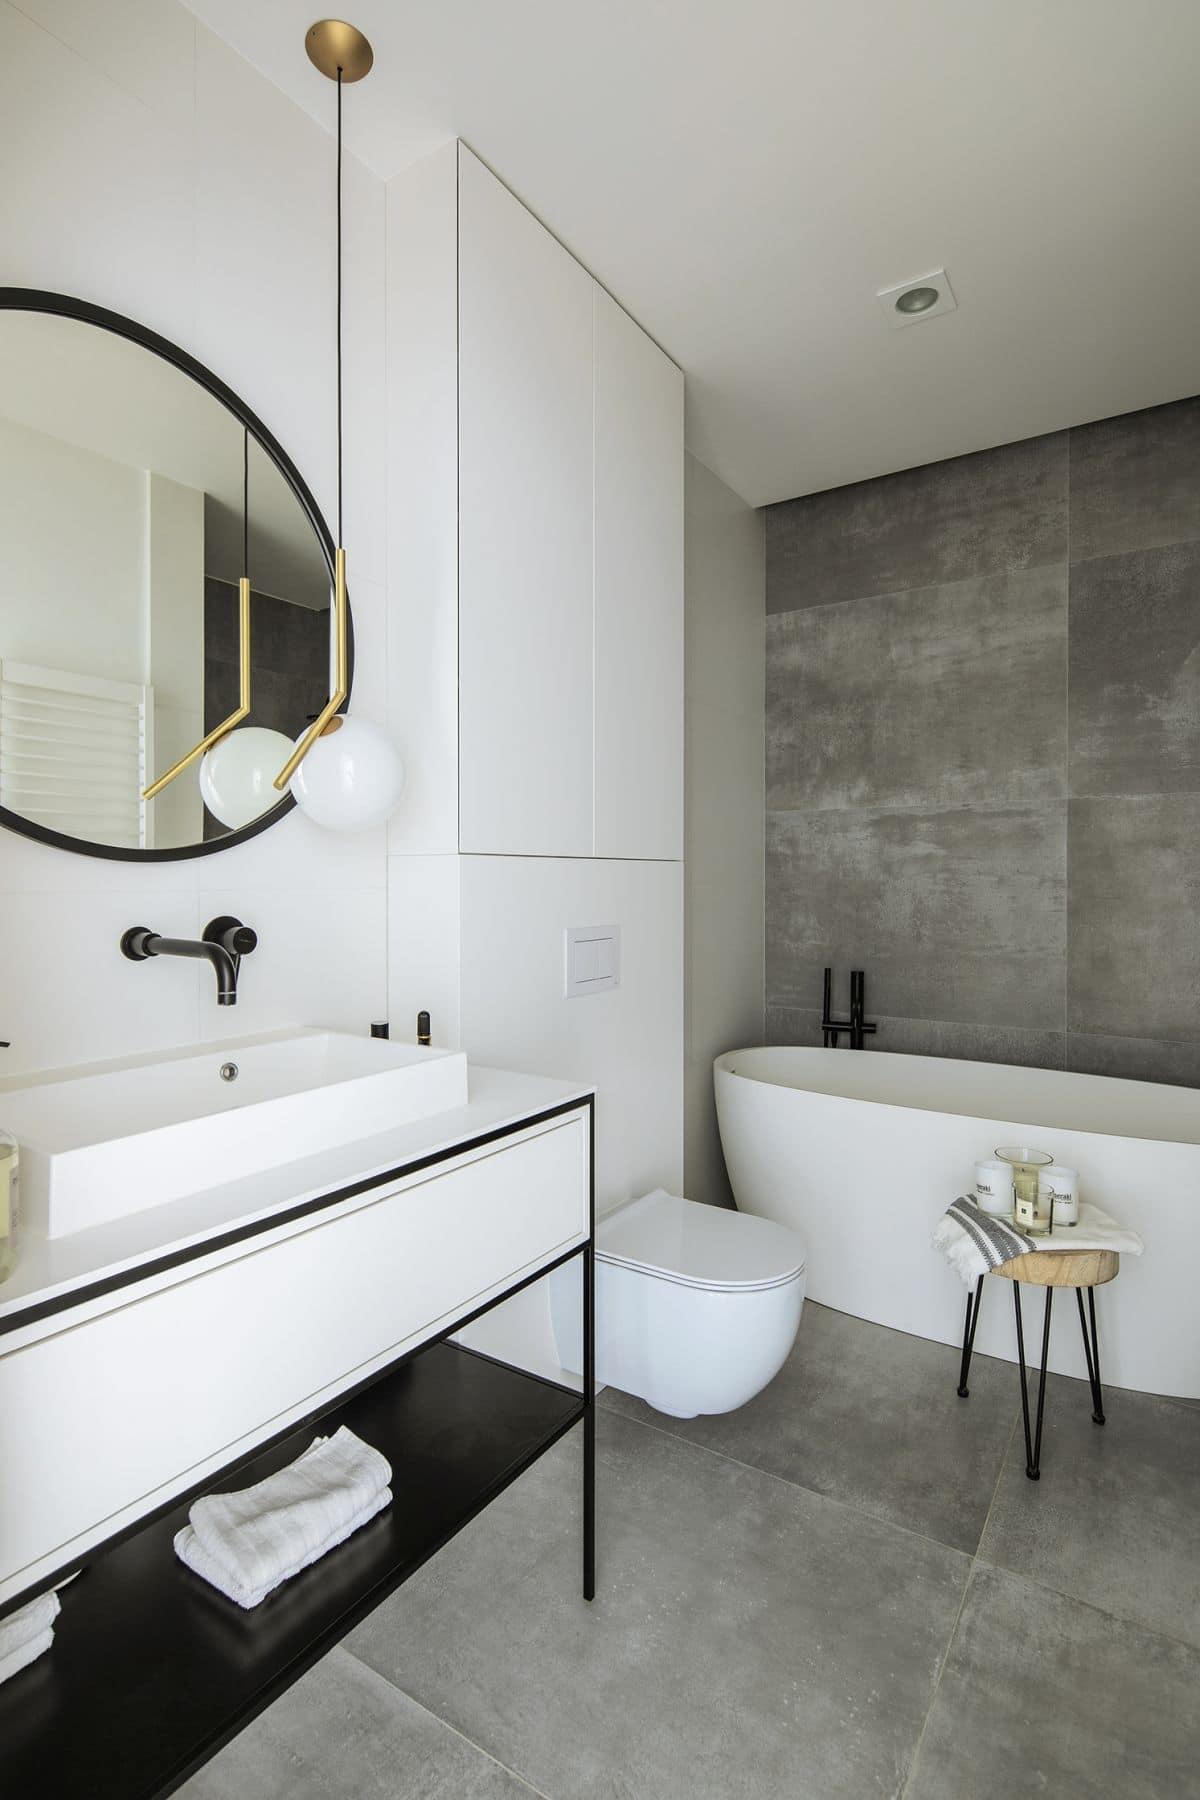 W łazience powierzchnie ścian i podłoga są wykończone imitacją betonu